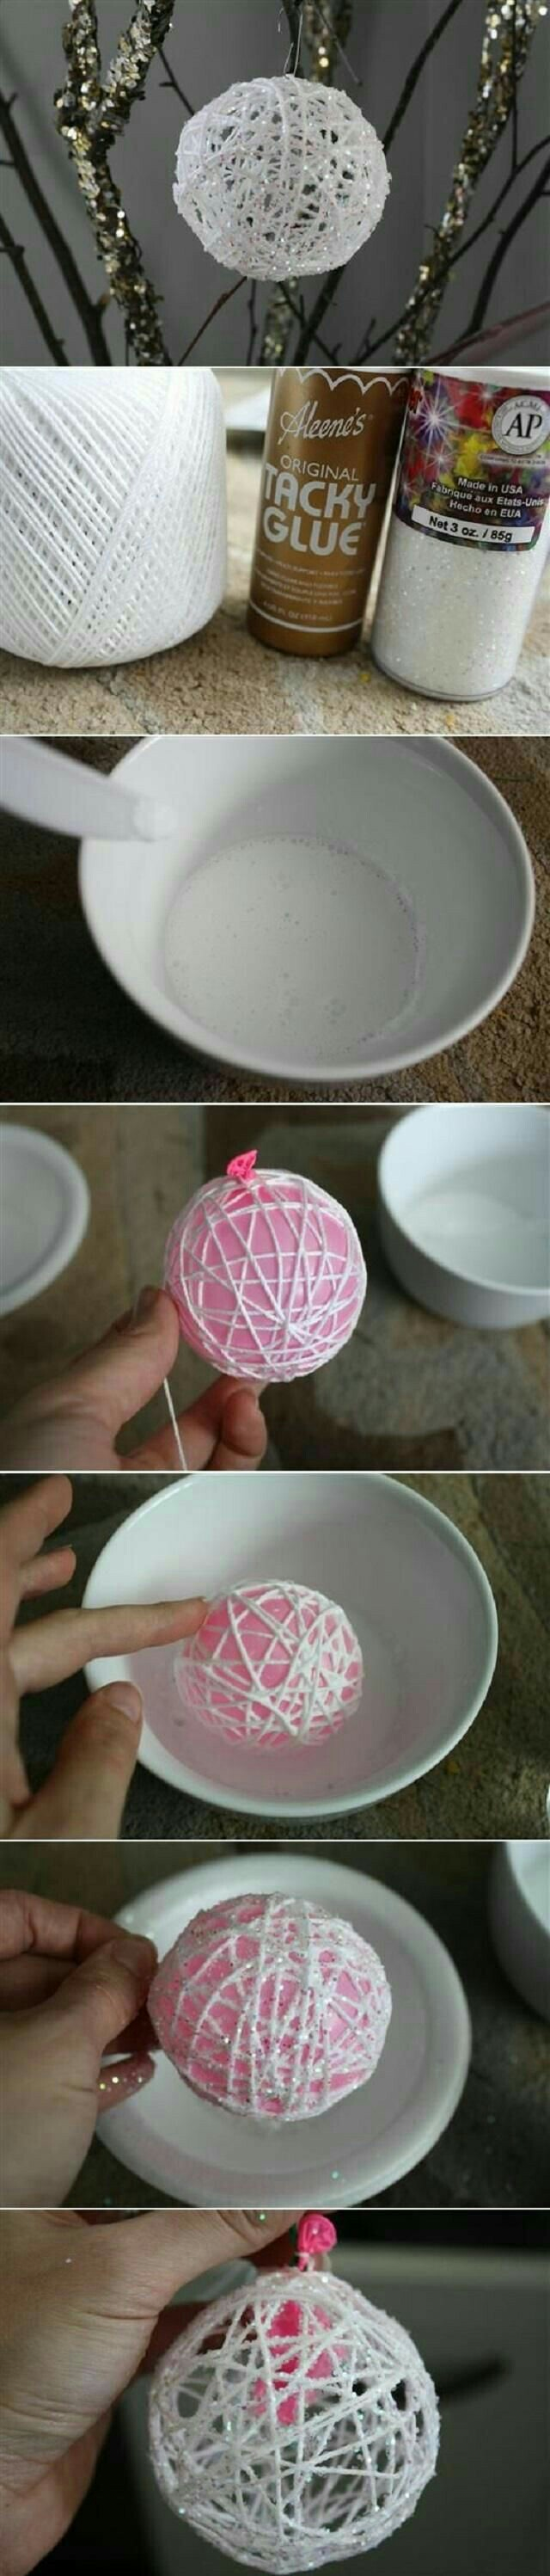 Esferas de estambre.  Manualidad navideña